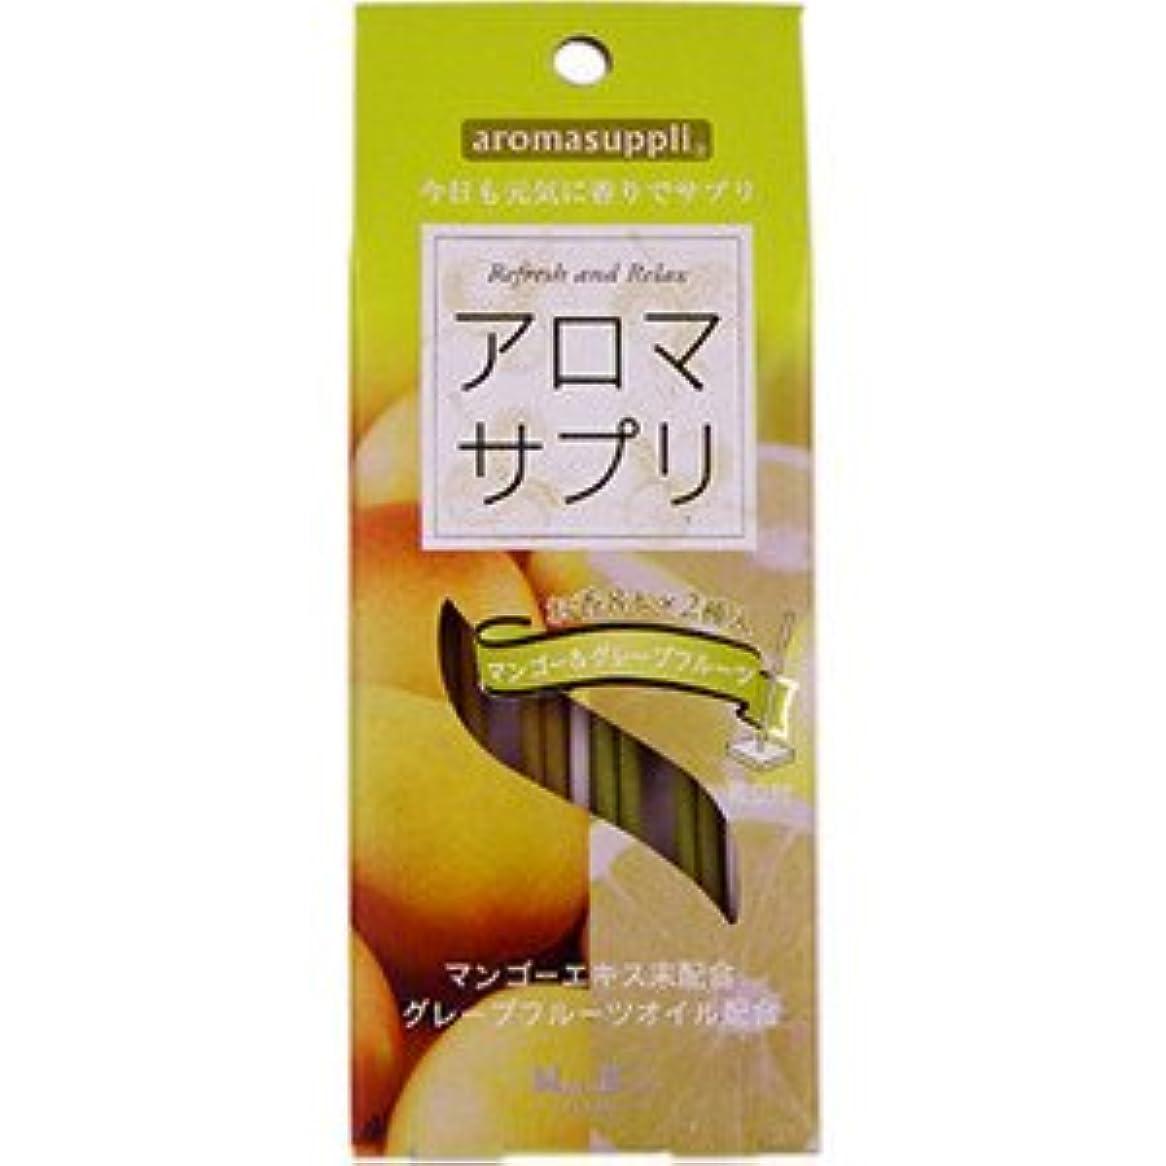 デコレーションブラウザ限られた日本香堂 アロマサプリ マンゴー&グレープフルーツ